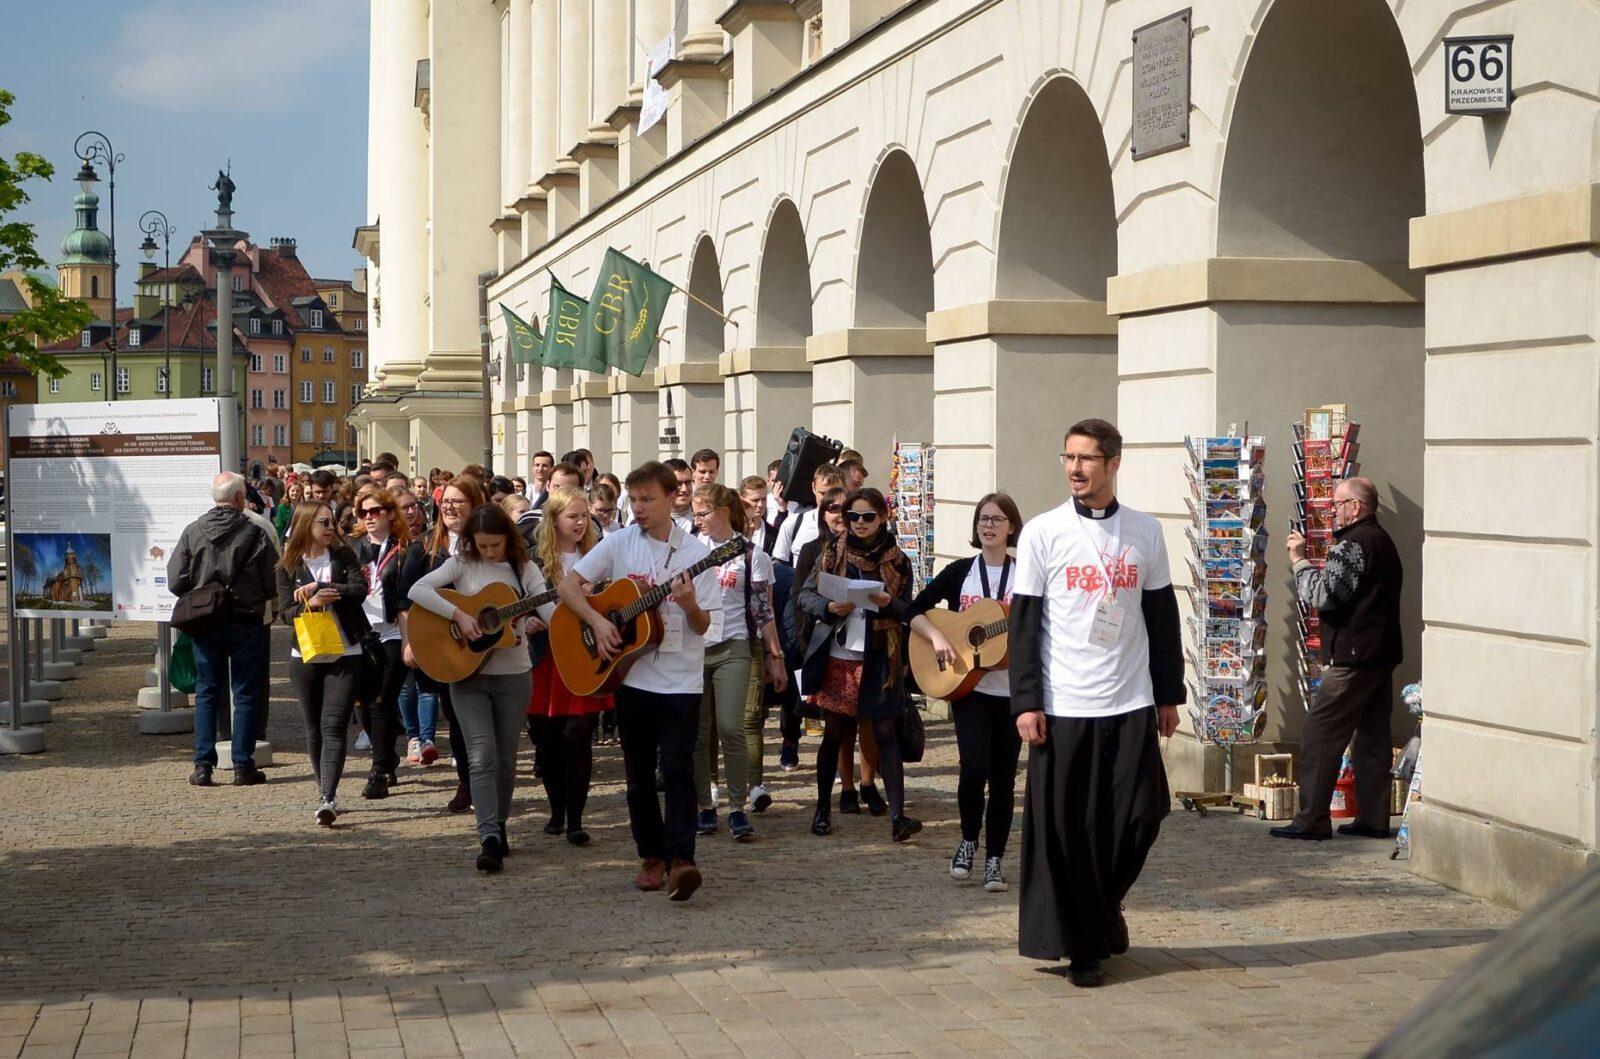 Ewangelizacja naJuwenaliach ksiądz św.Anna Kościół krakowskie Przedmieście Duszpasterstwo